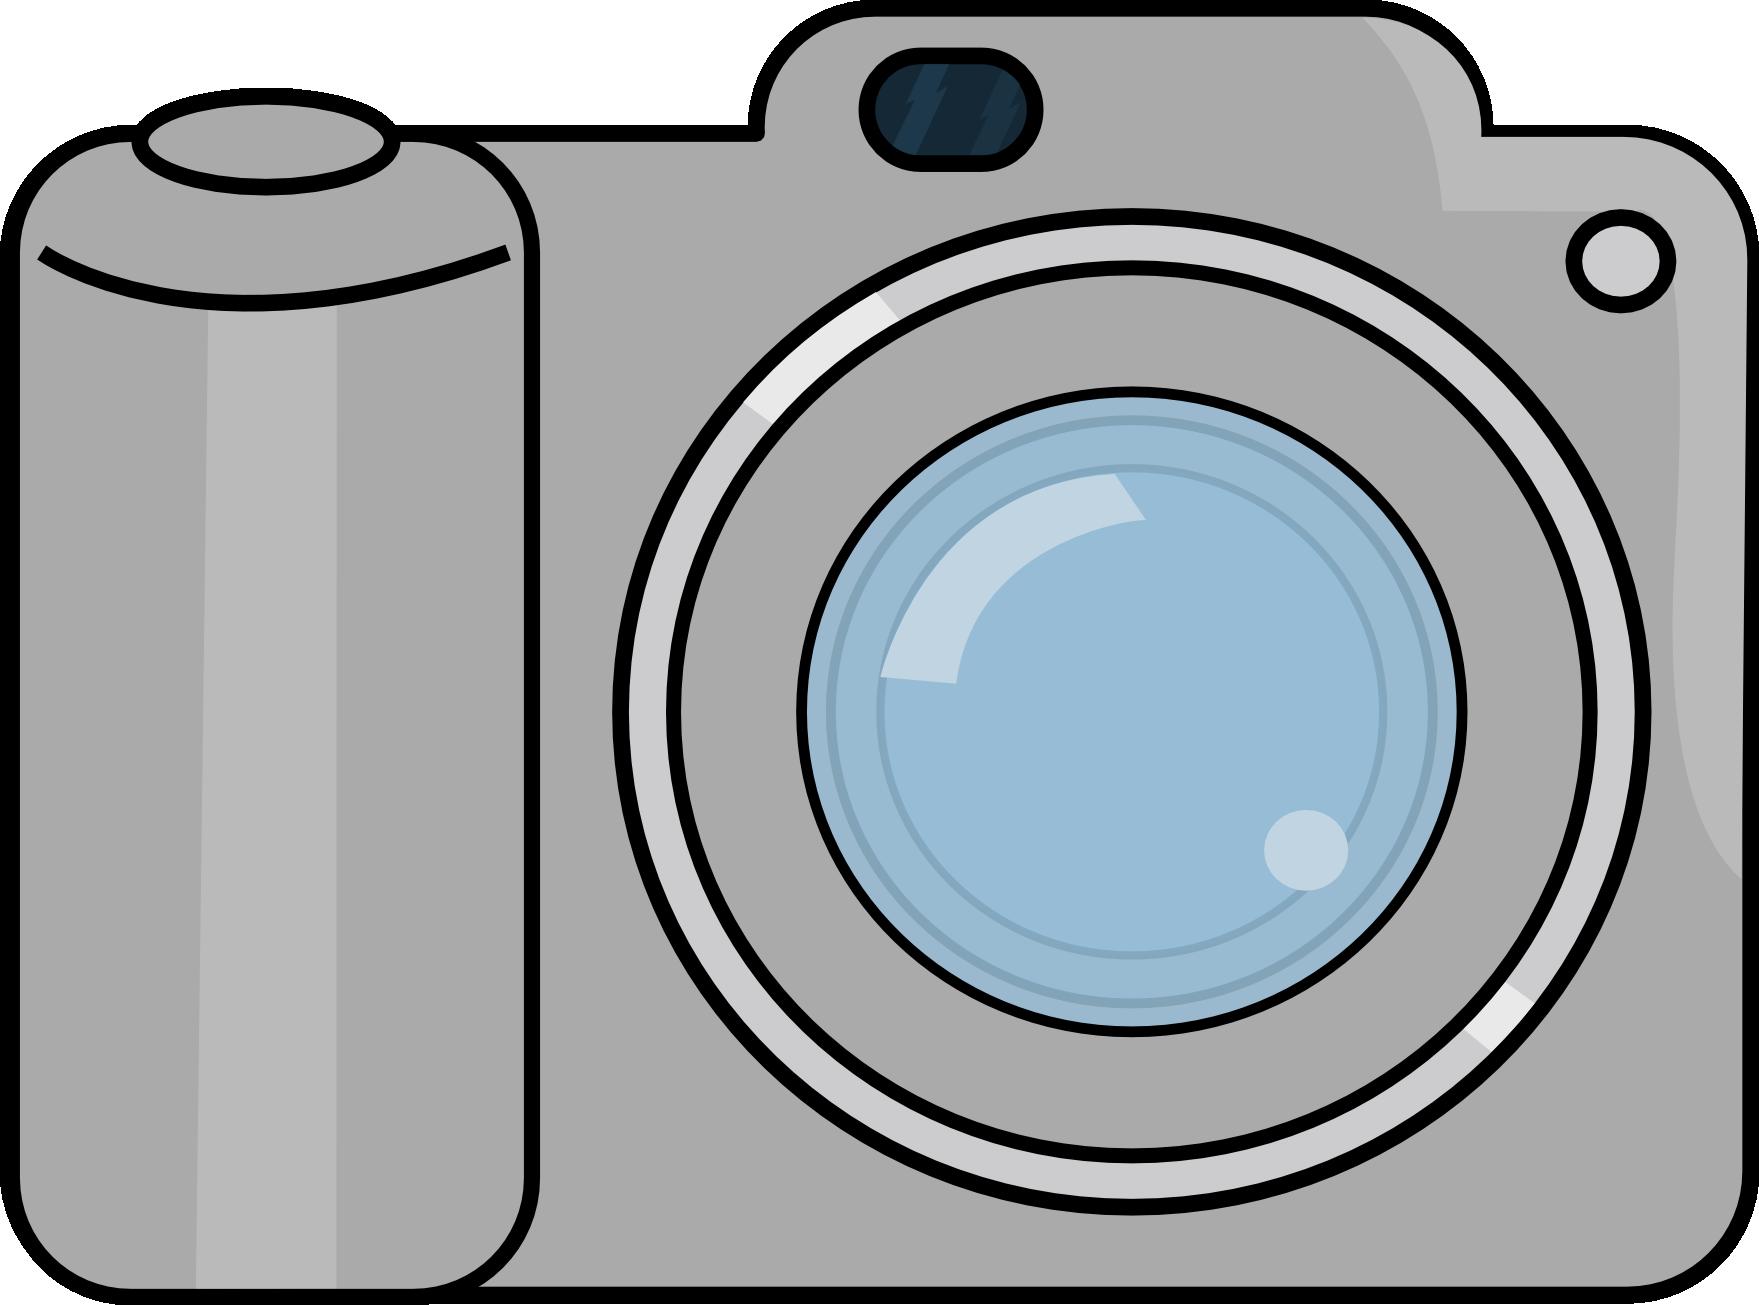 Digital Camera Clipart - Cliparts.co